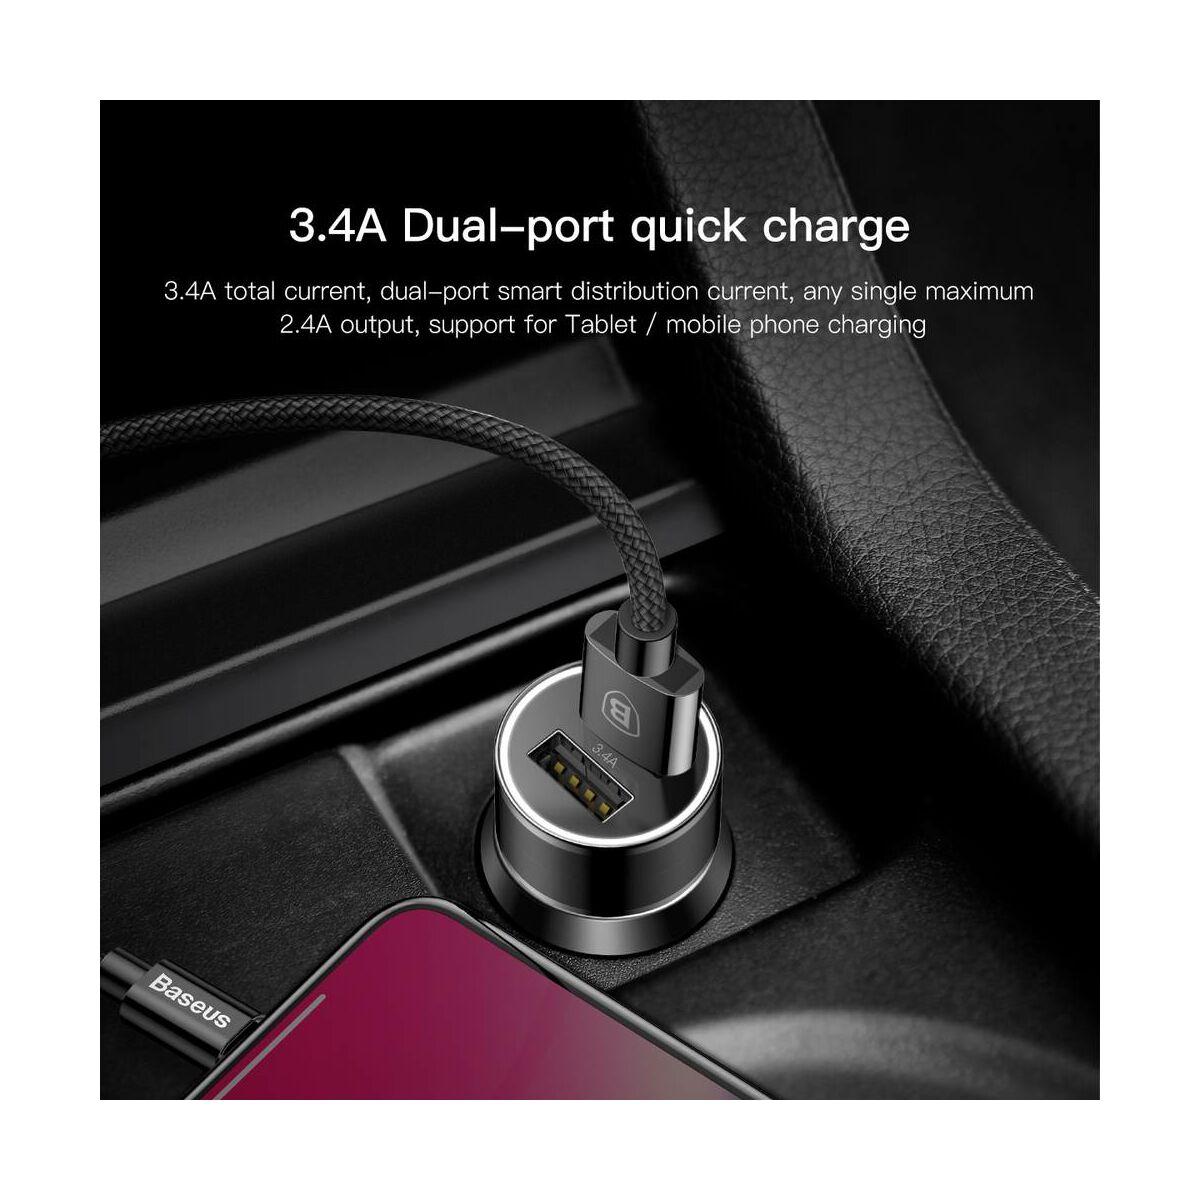 Baseus autós töltő, Small Screw Dupla USB Lightning kábel, (2A, 1.2m) a csomagban, max 3.4A, fekete (TZXLD-A01)